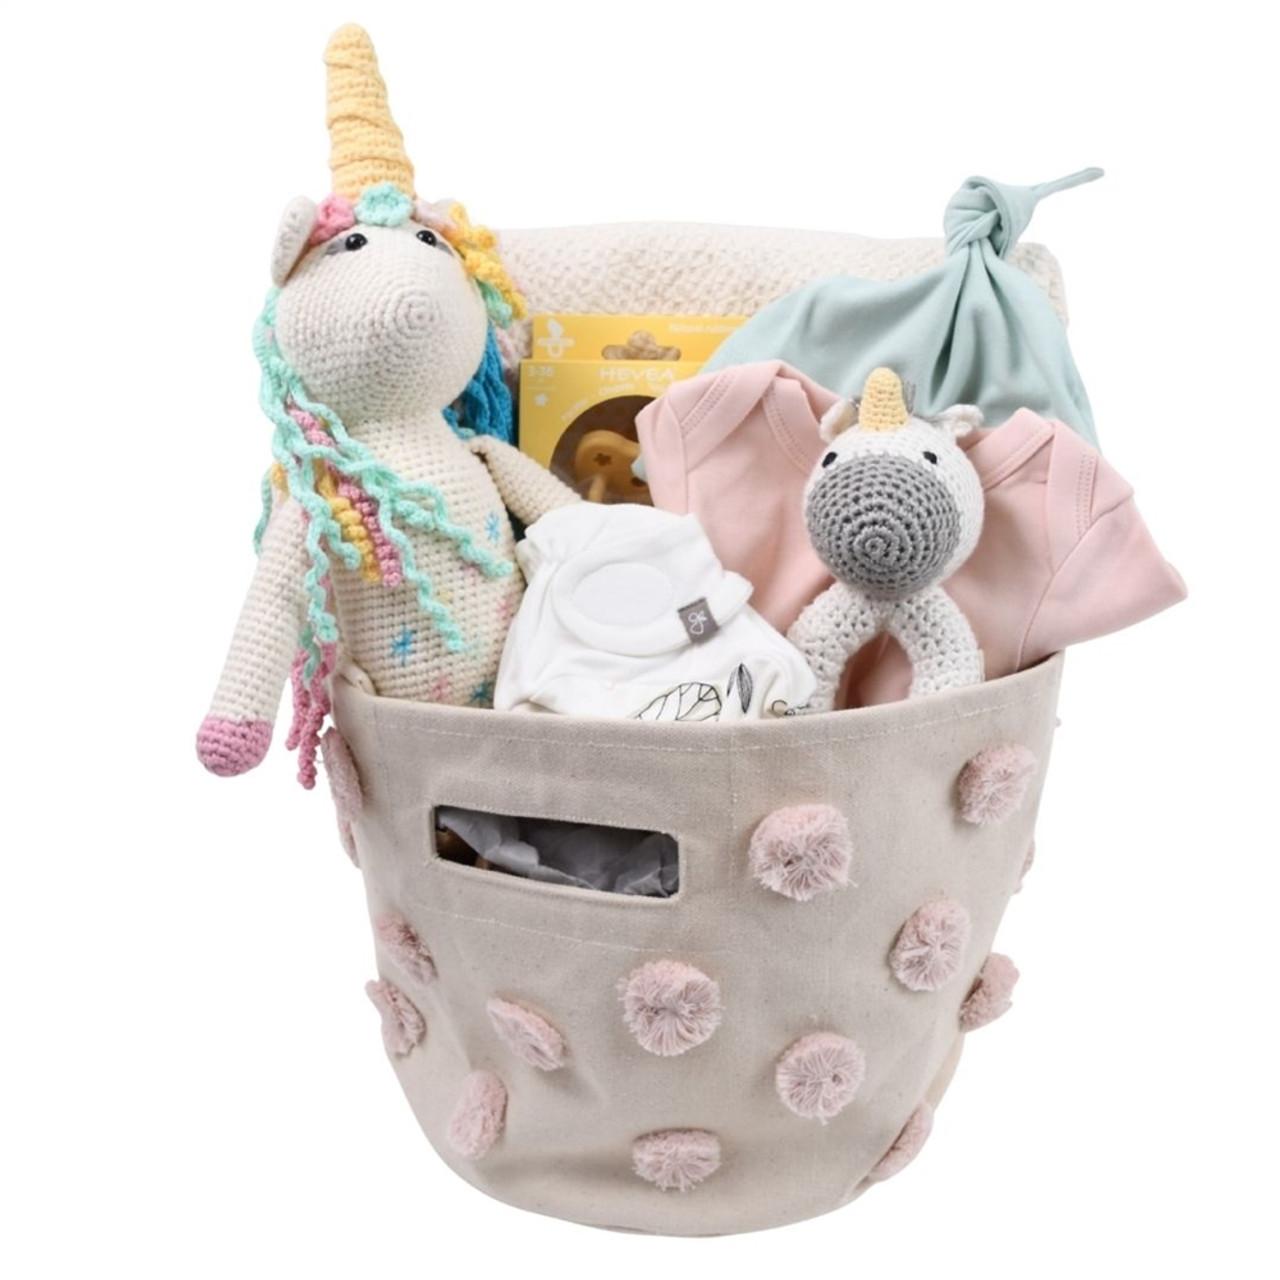 Unicorn Baby Gift Basket - Dream Squad